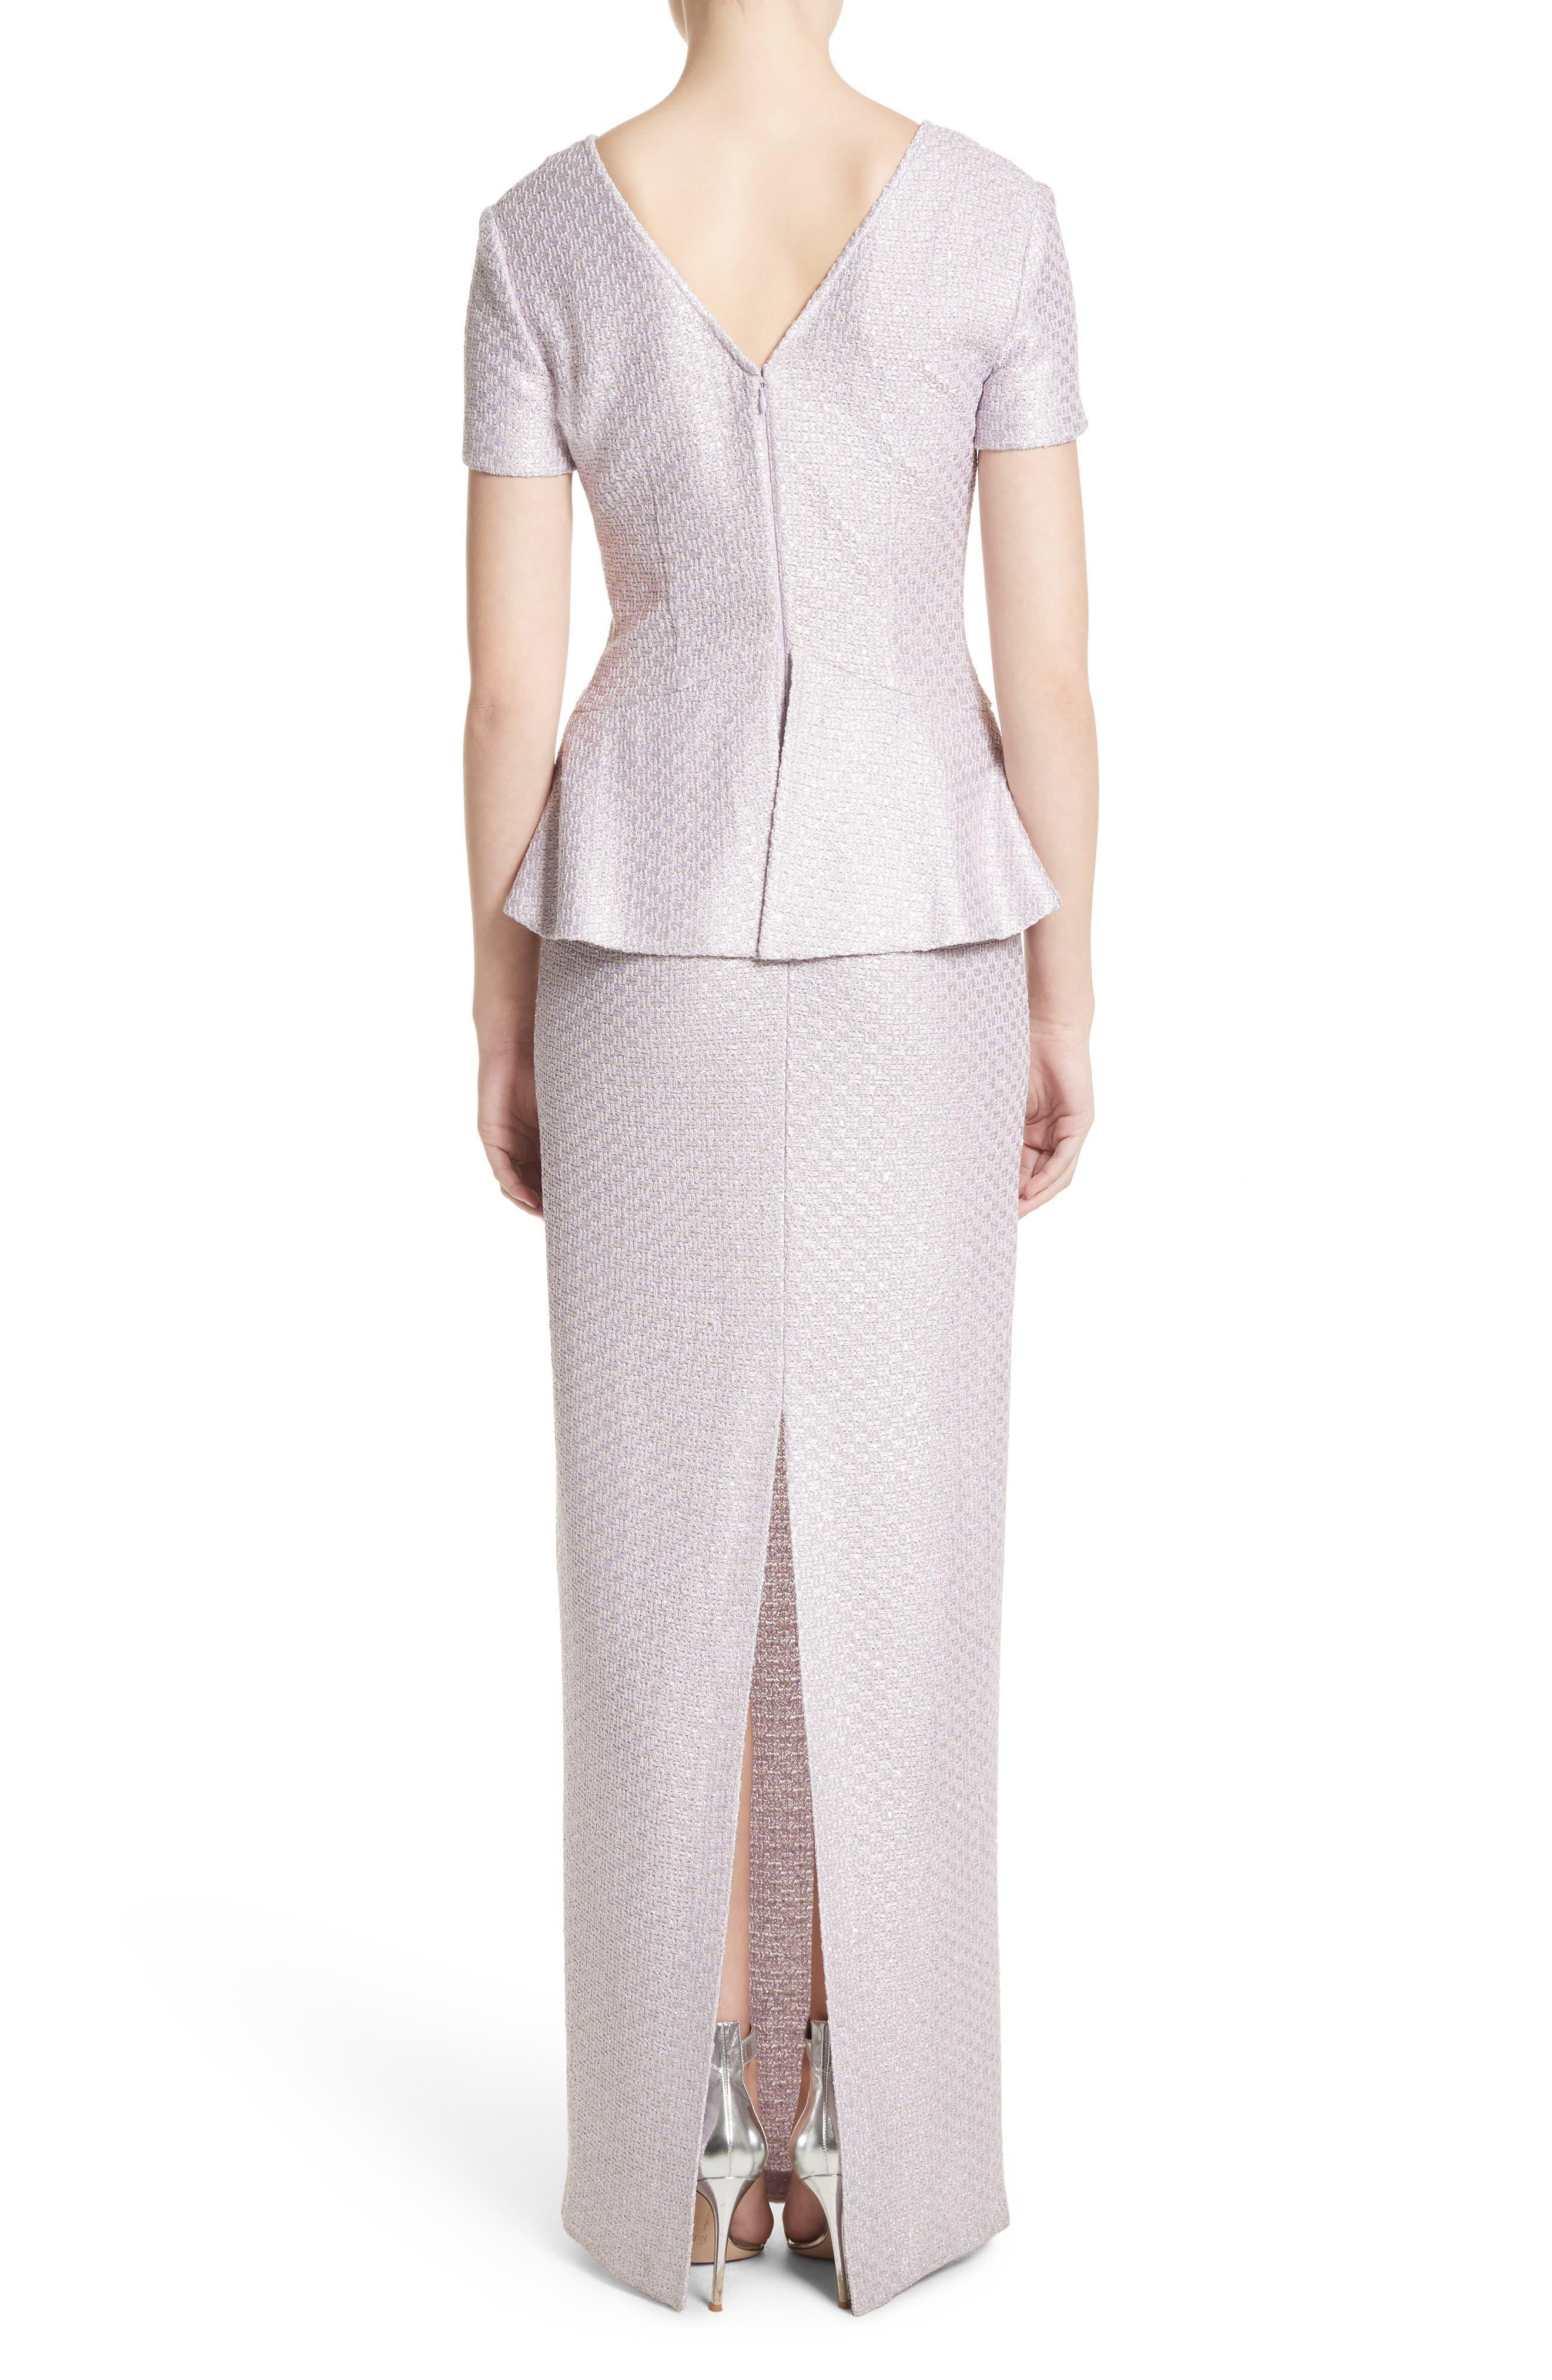 Hansh Sequin Knit Column Gown,                             Alternate thumbnail 2, color,                             530